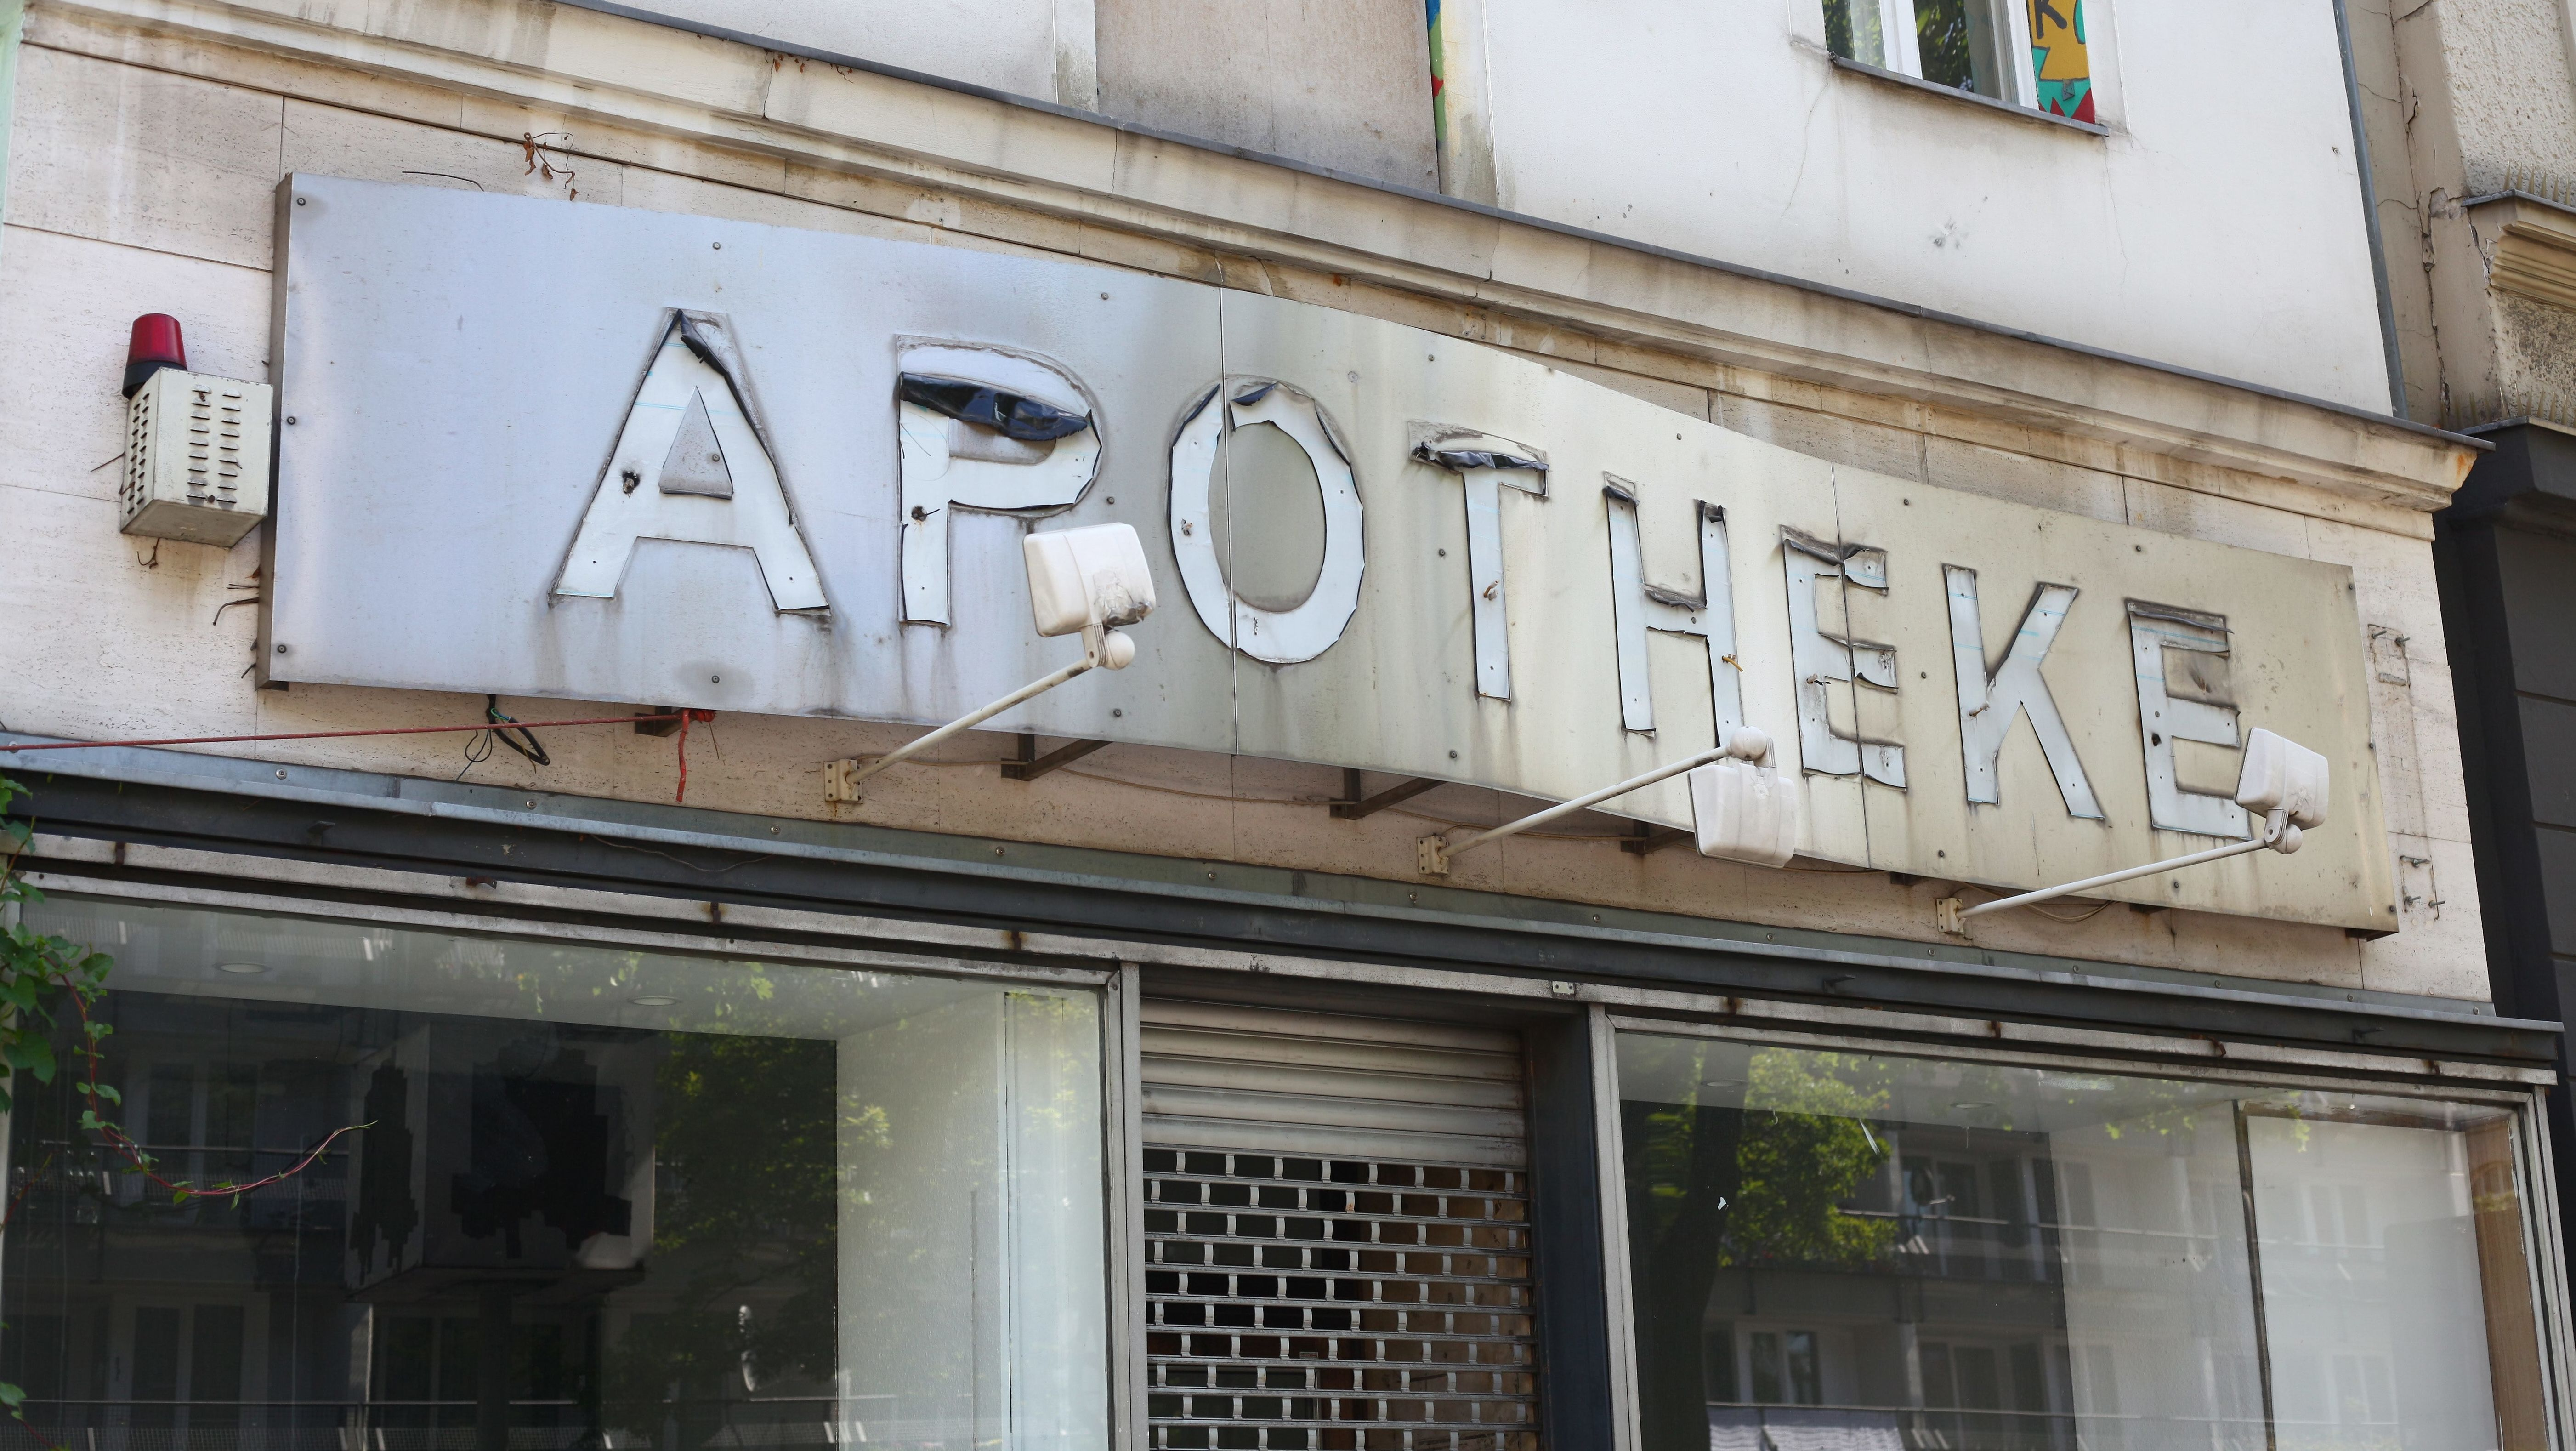 Das alte Schild einer Apotheke, die aufgegeben wurde.